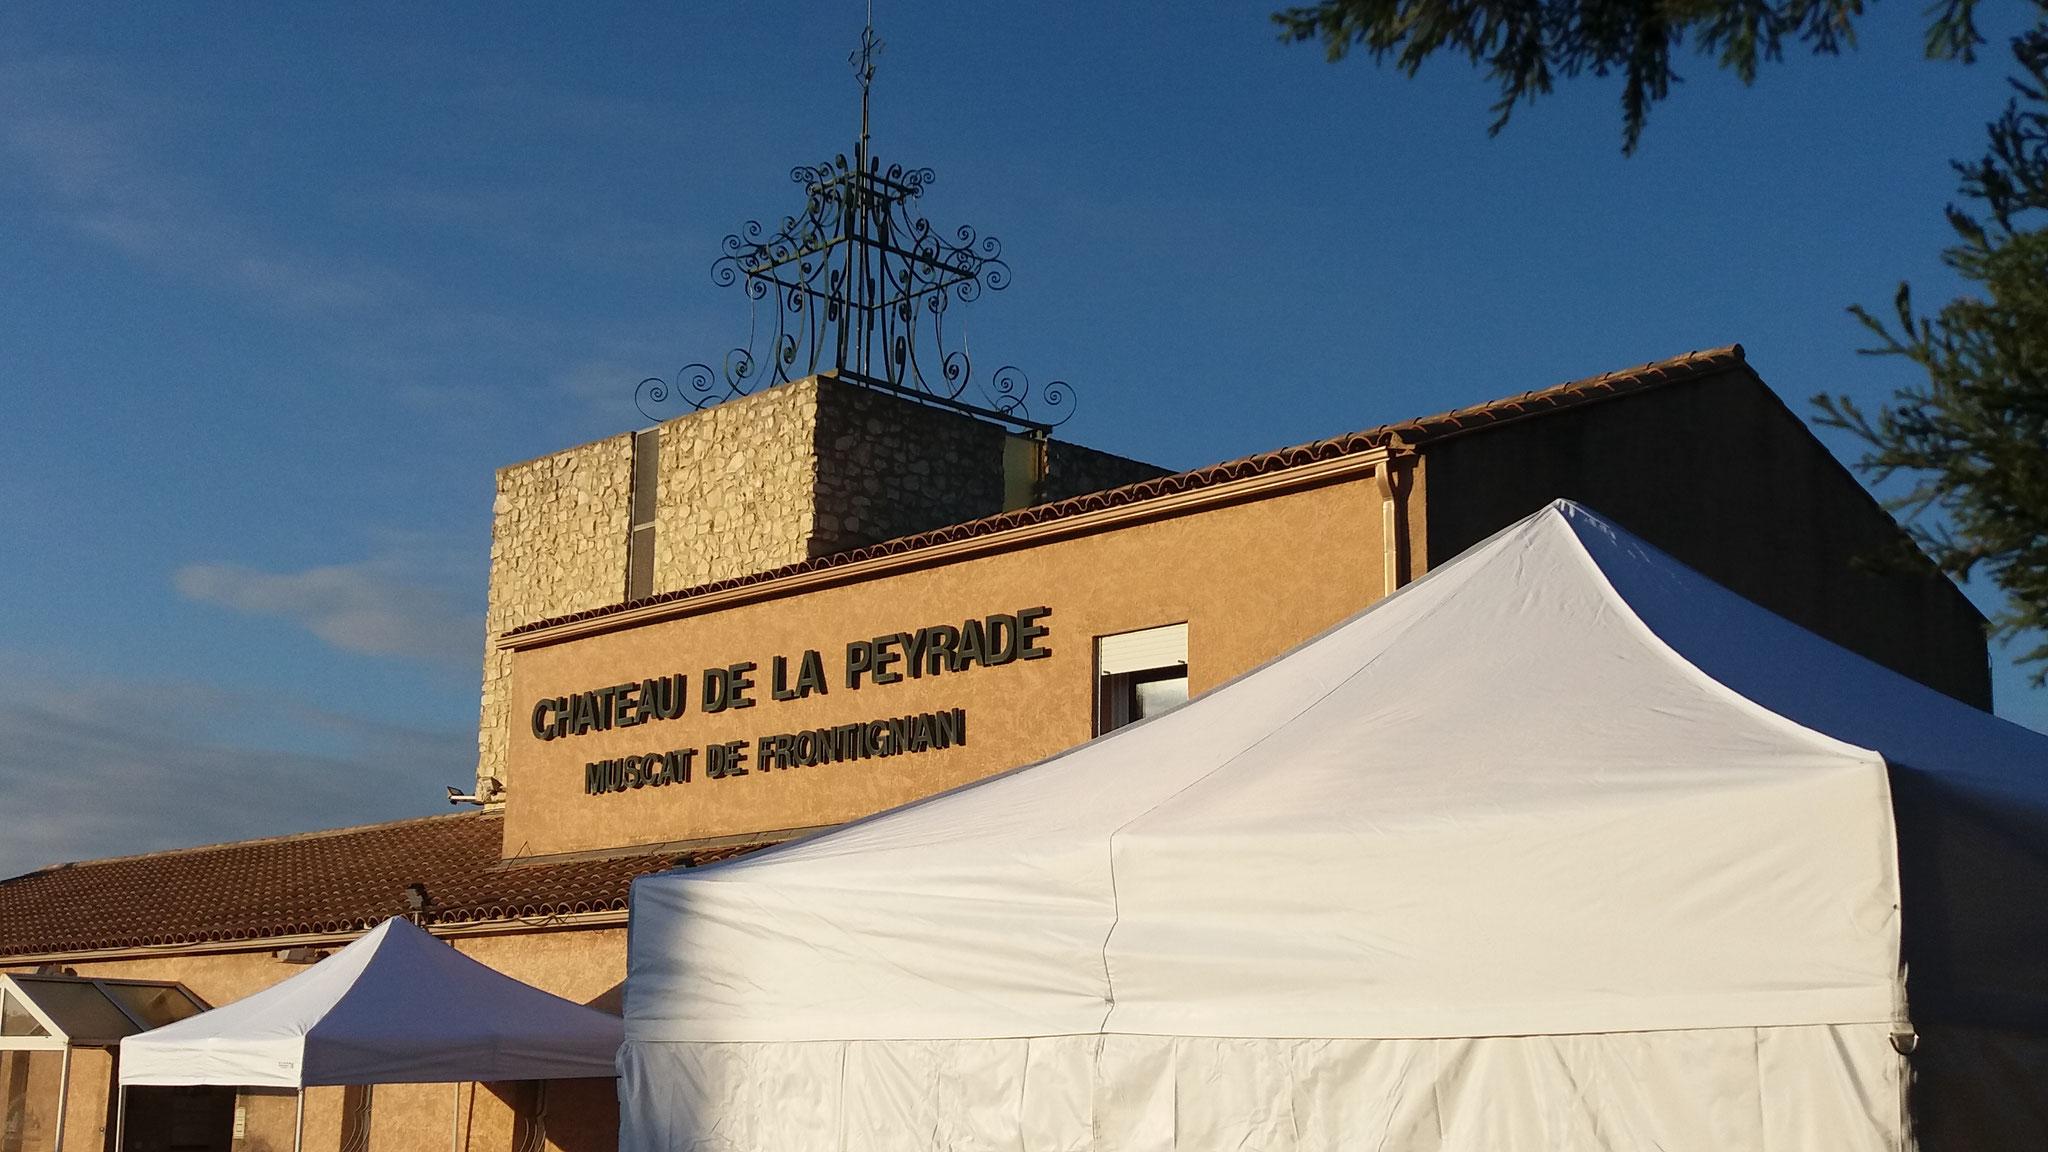 Portes ouvertes au Château de la Peyrade - ©chapithau.com